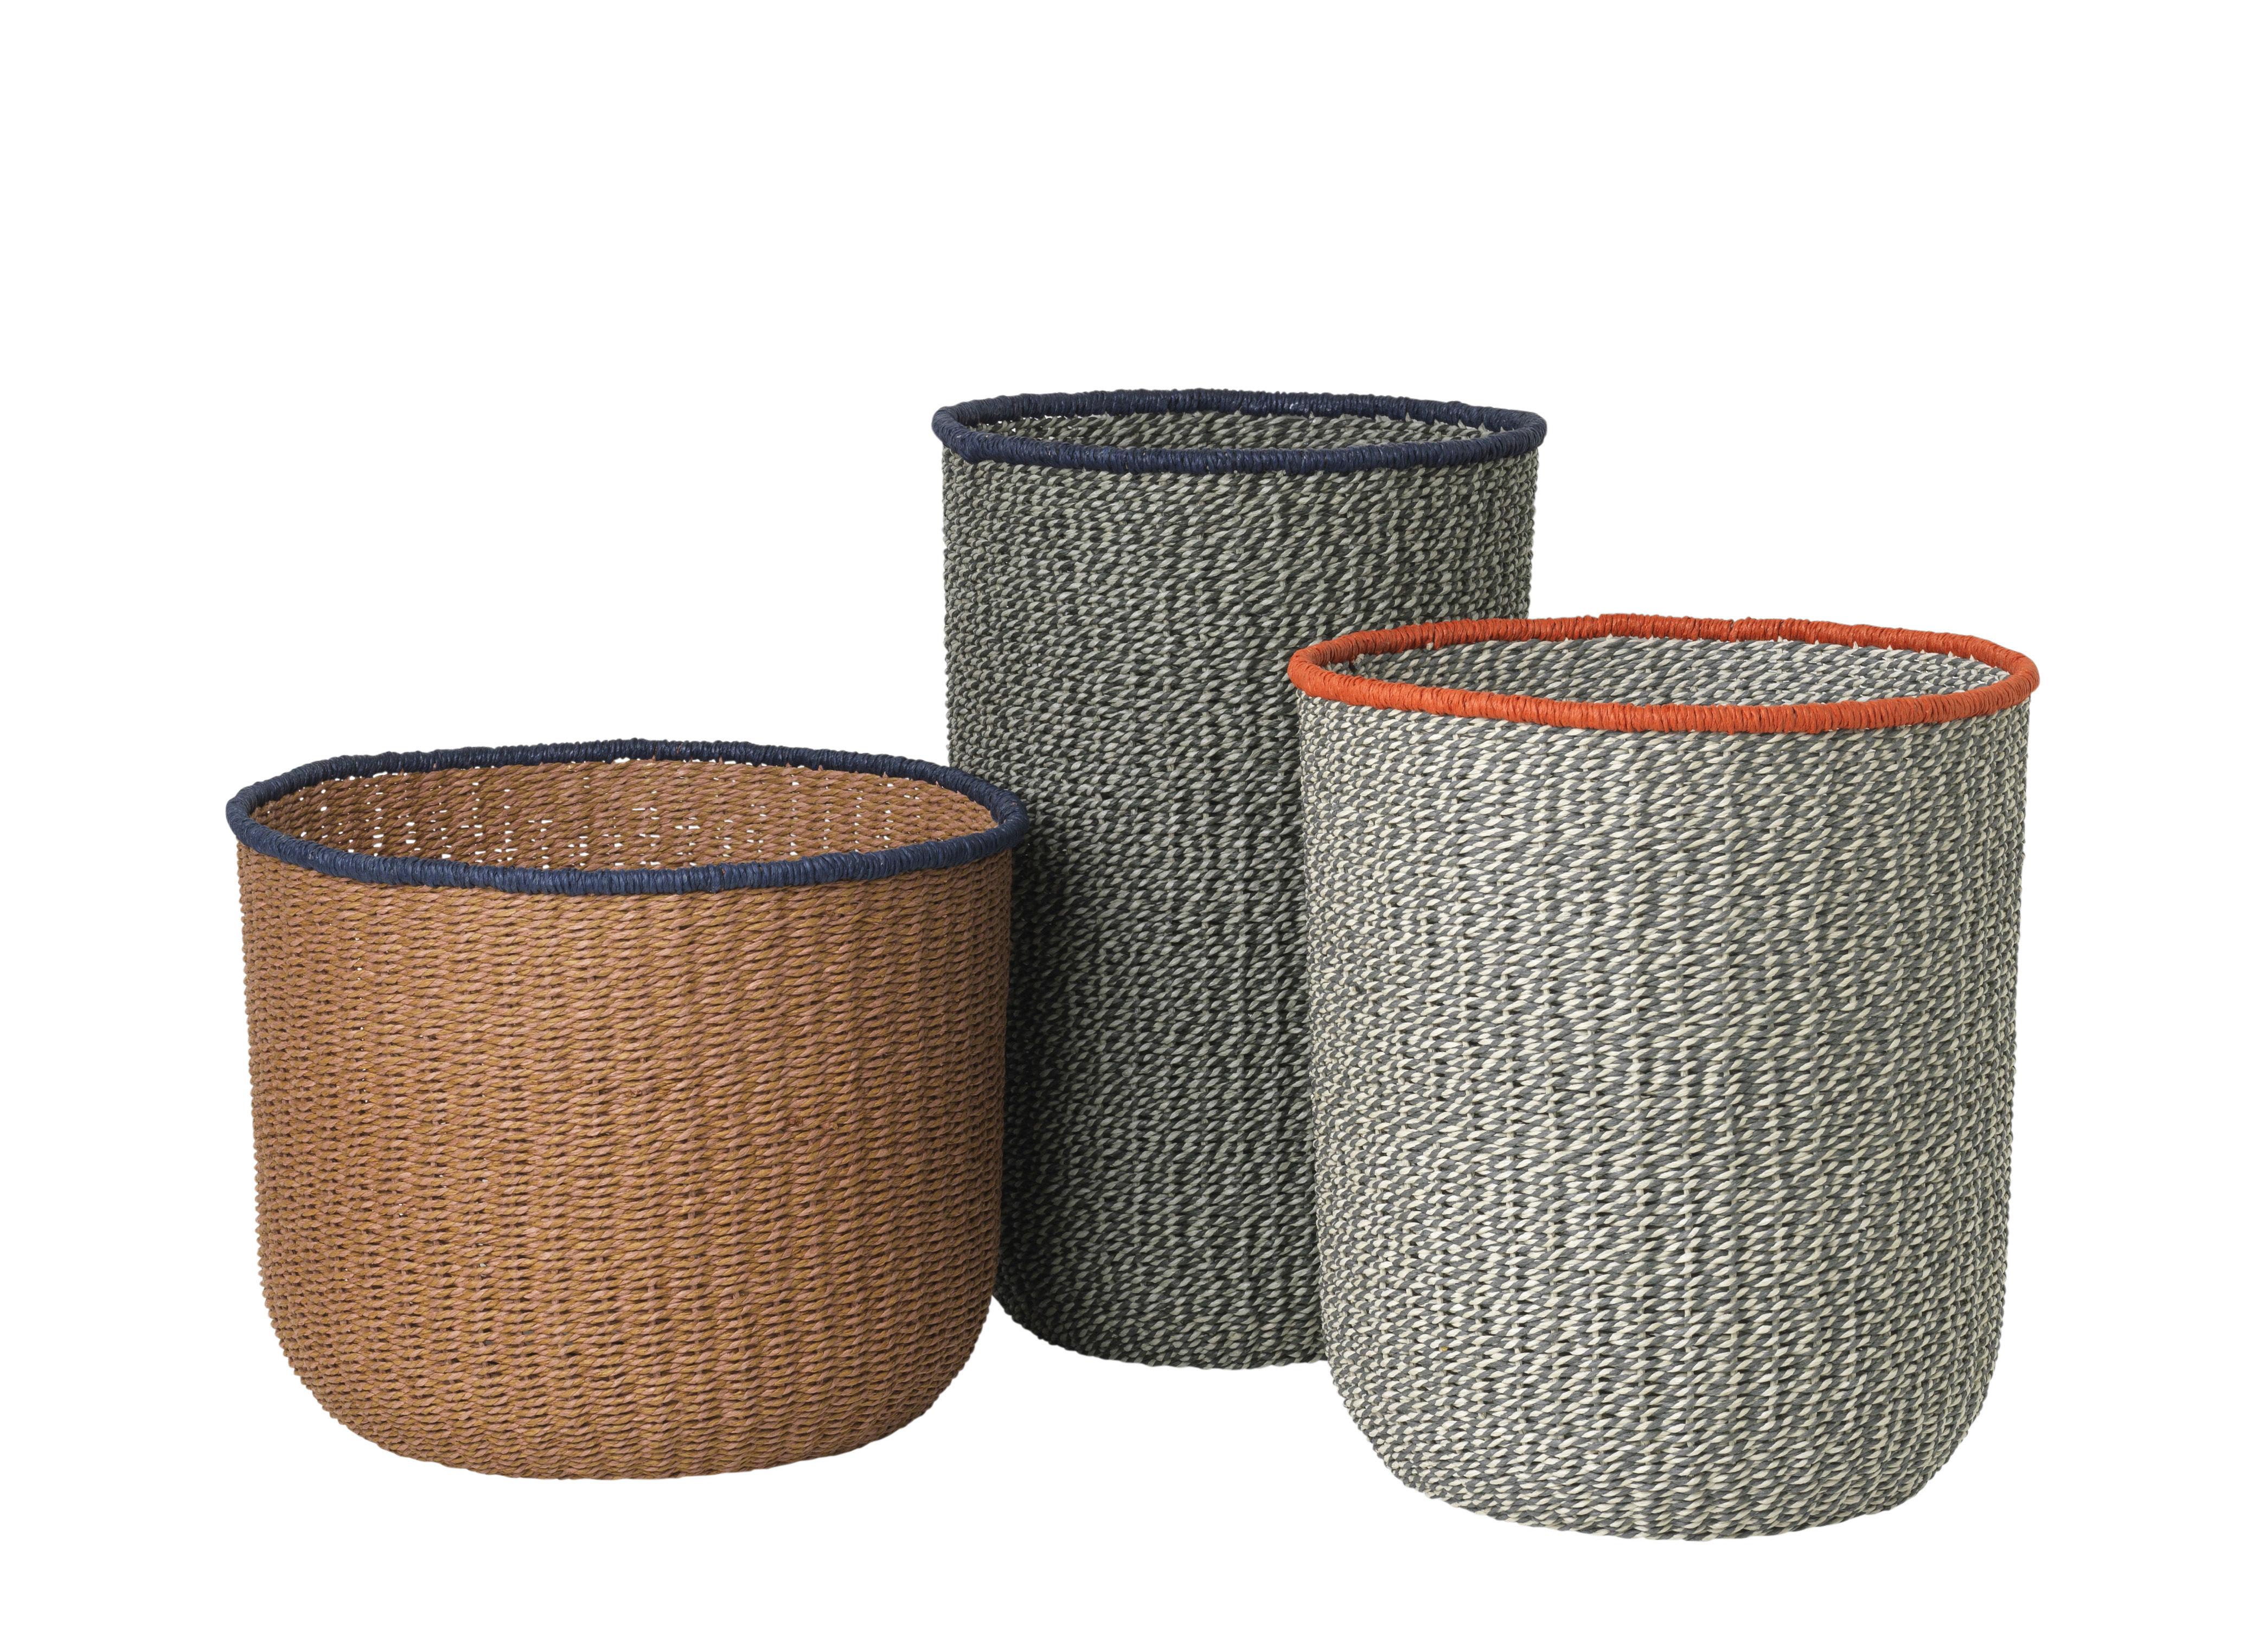 Déco - Paniers et petits rangements - Paniers Braided / Set de 3 - Papier tressé - Ferm Living - Rose, gris & vert - Papier tressé